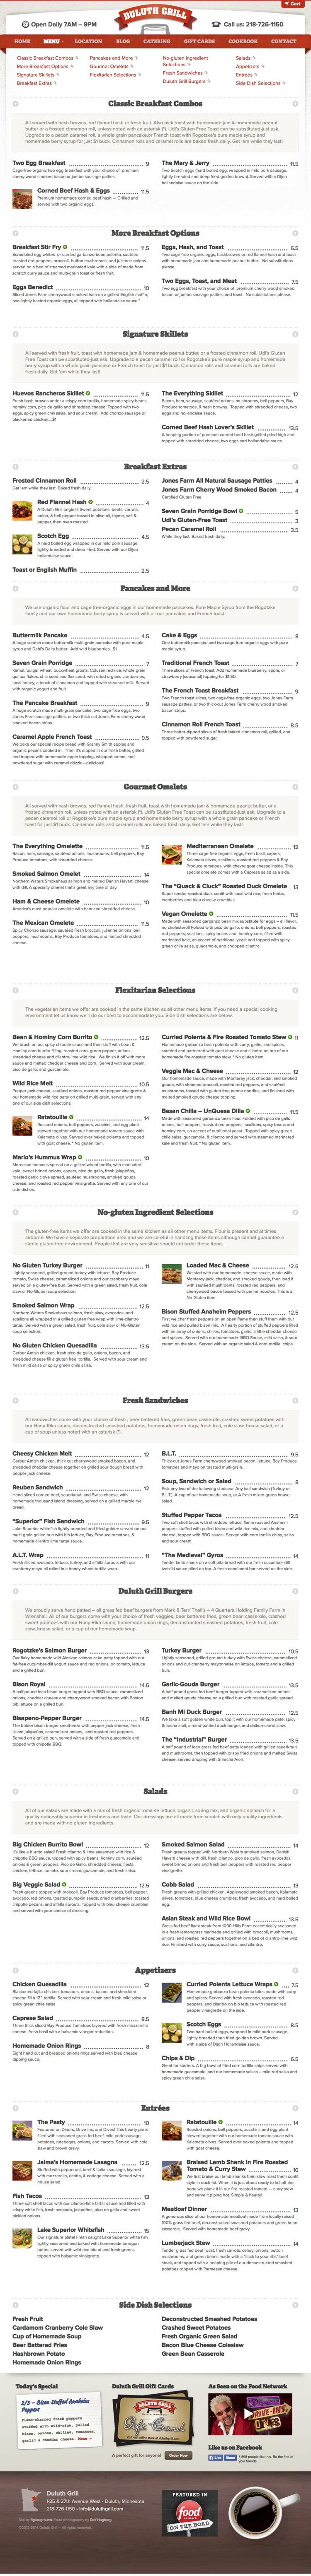 Duluth Grill Menu Design, Online Menu